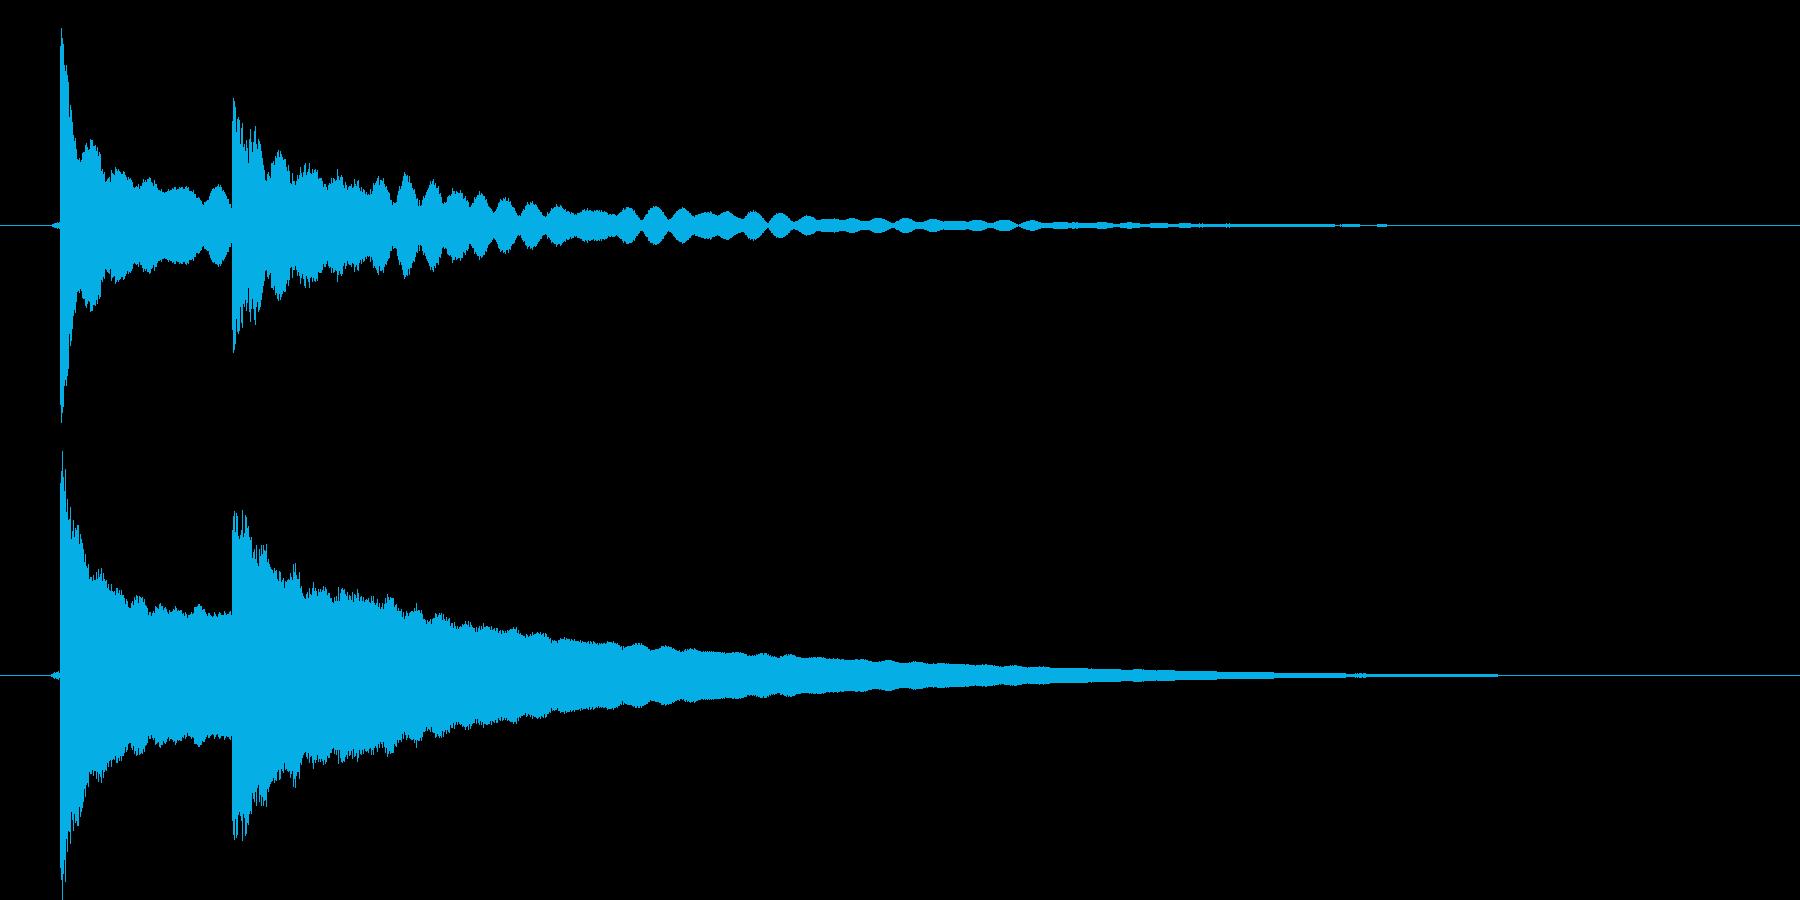 チピーン!の再生済みの波形